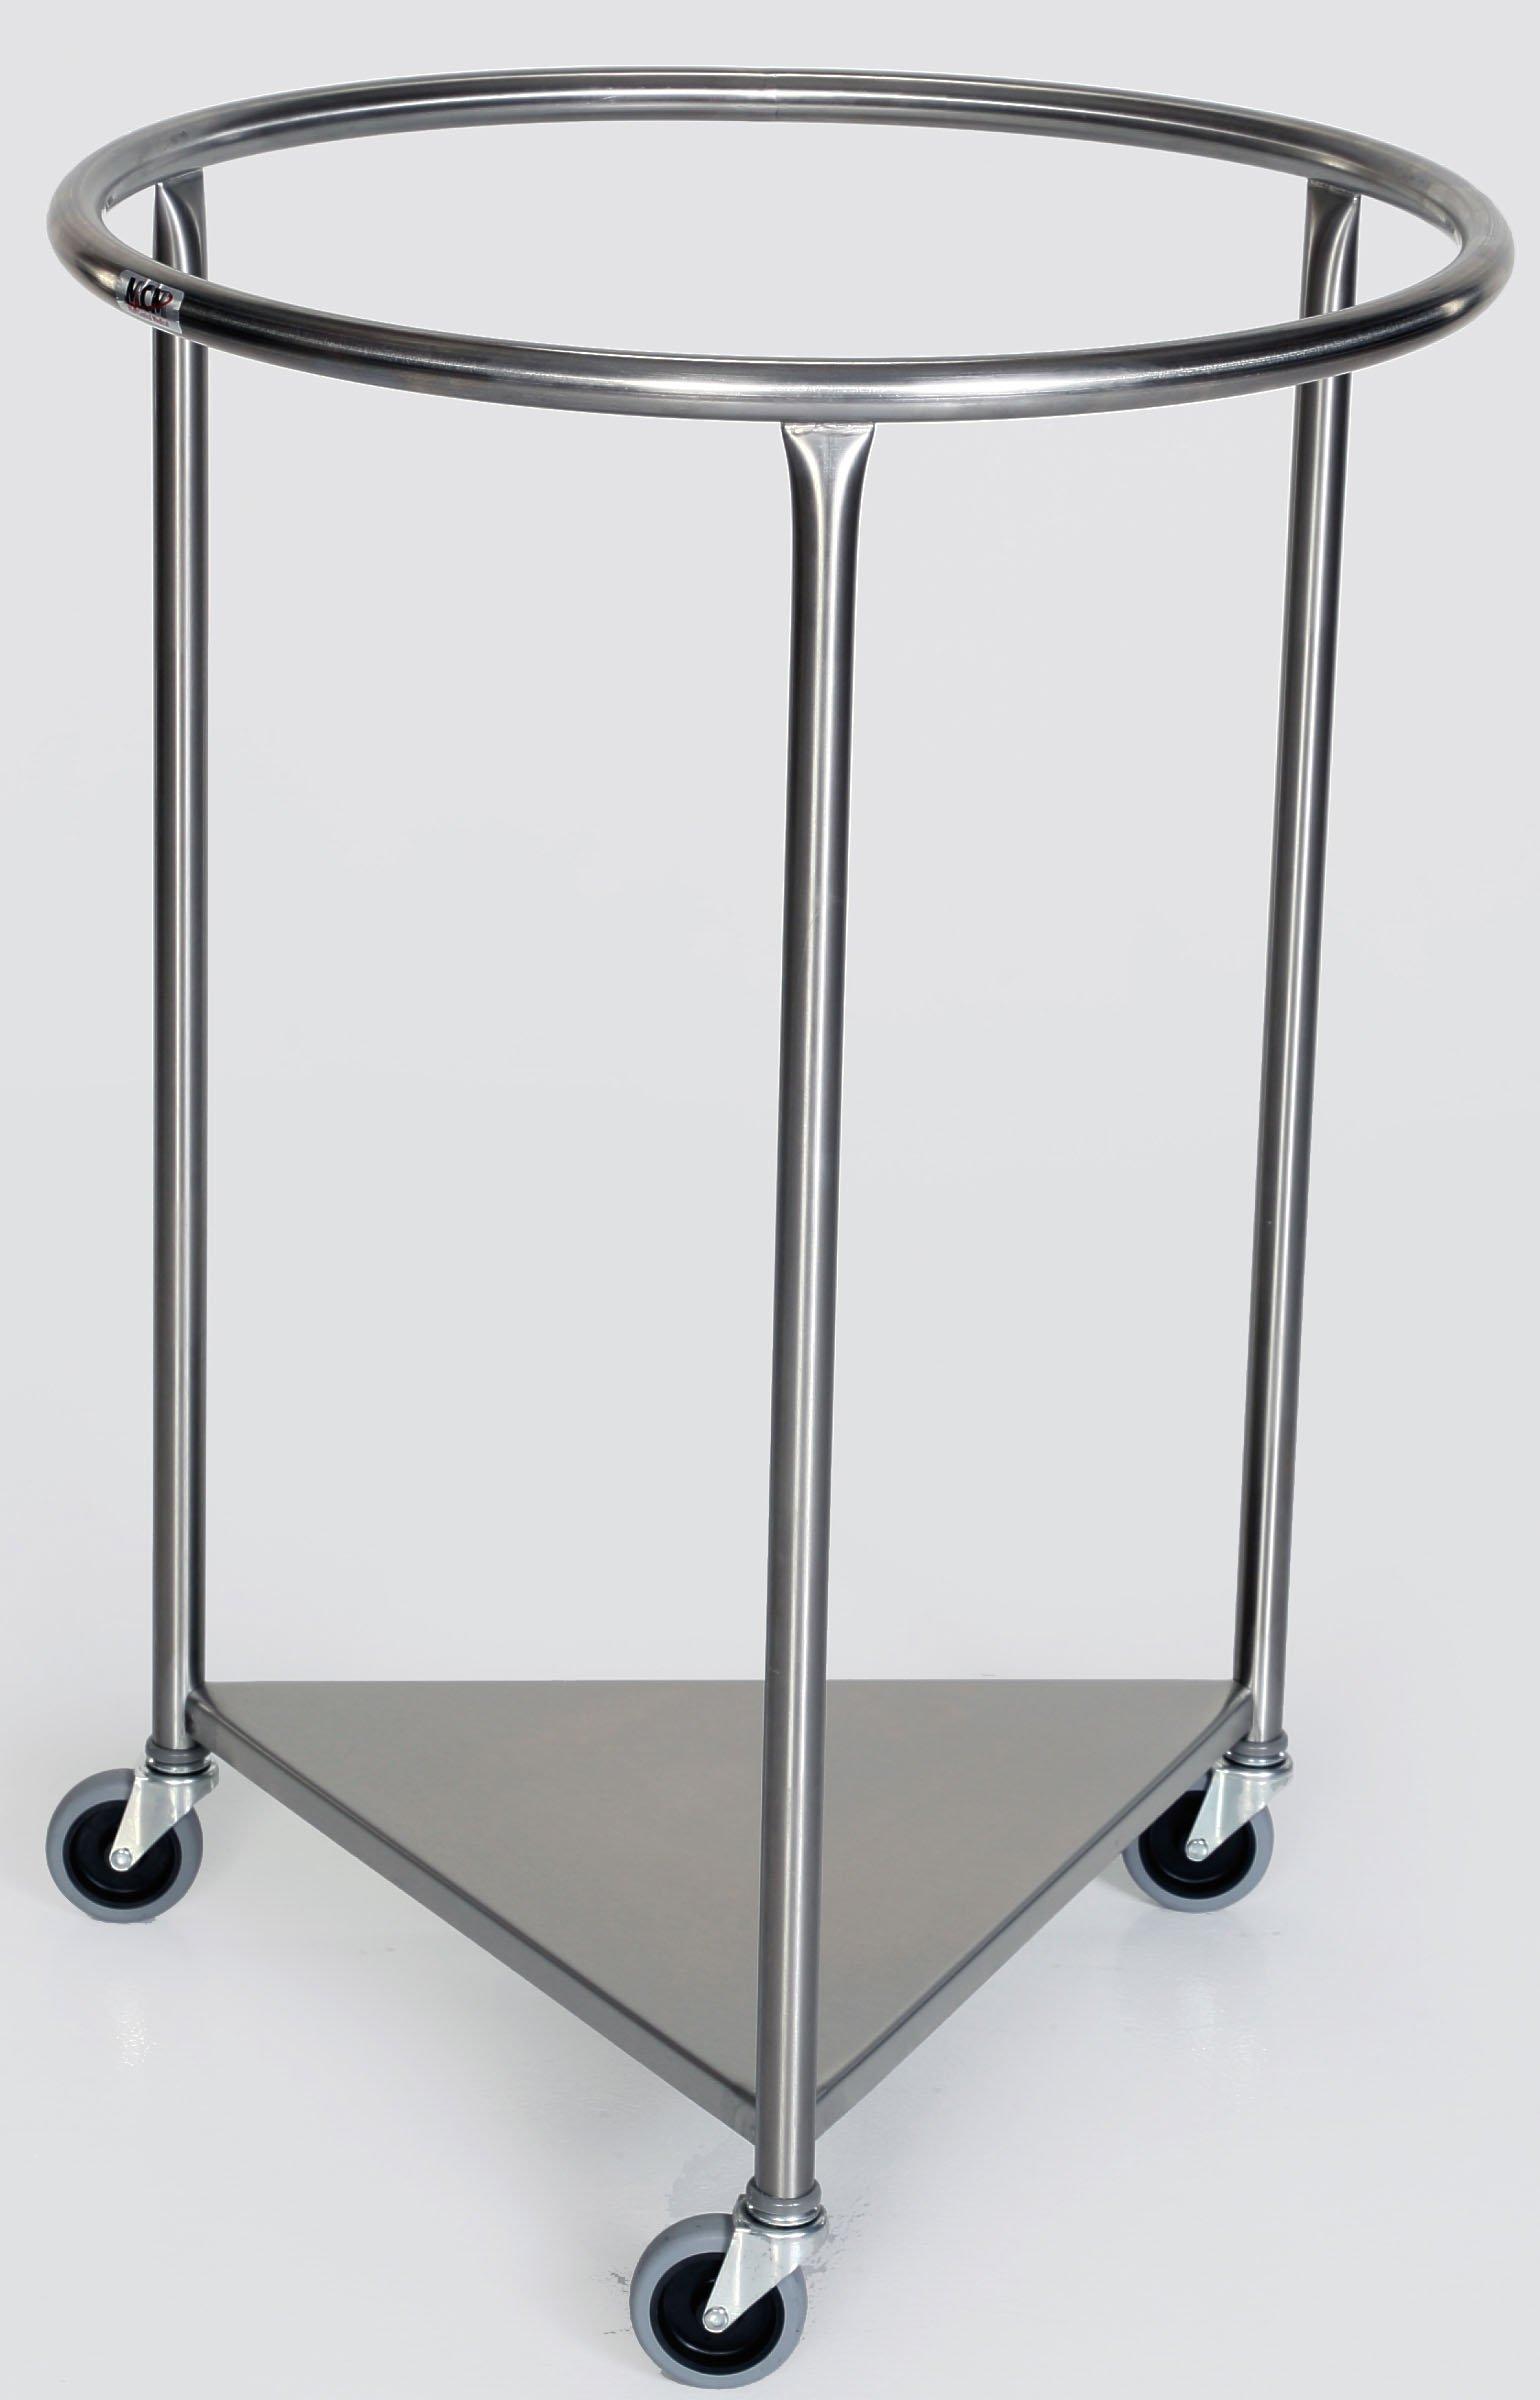 Stainless Steel Round Linen Hamper - 25